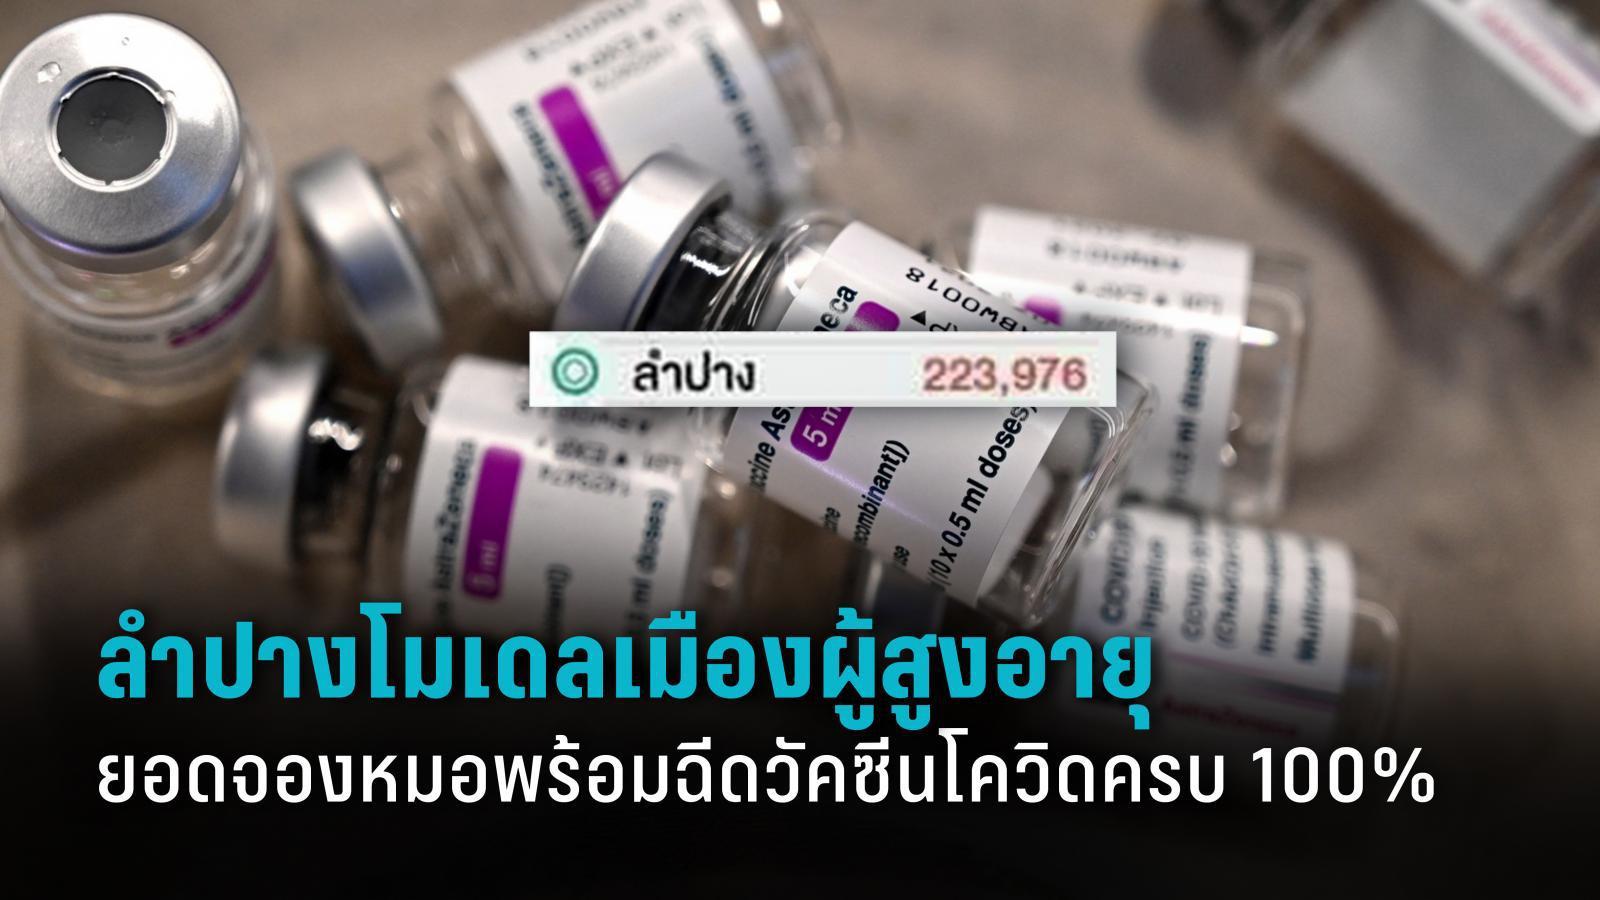 """จองฉีดวัคซีนหมอพร้อมต่างจังหวัด """"ลำปางแชมป์"""" ยอดจองครบ 100%"""